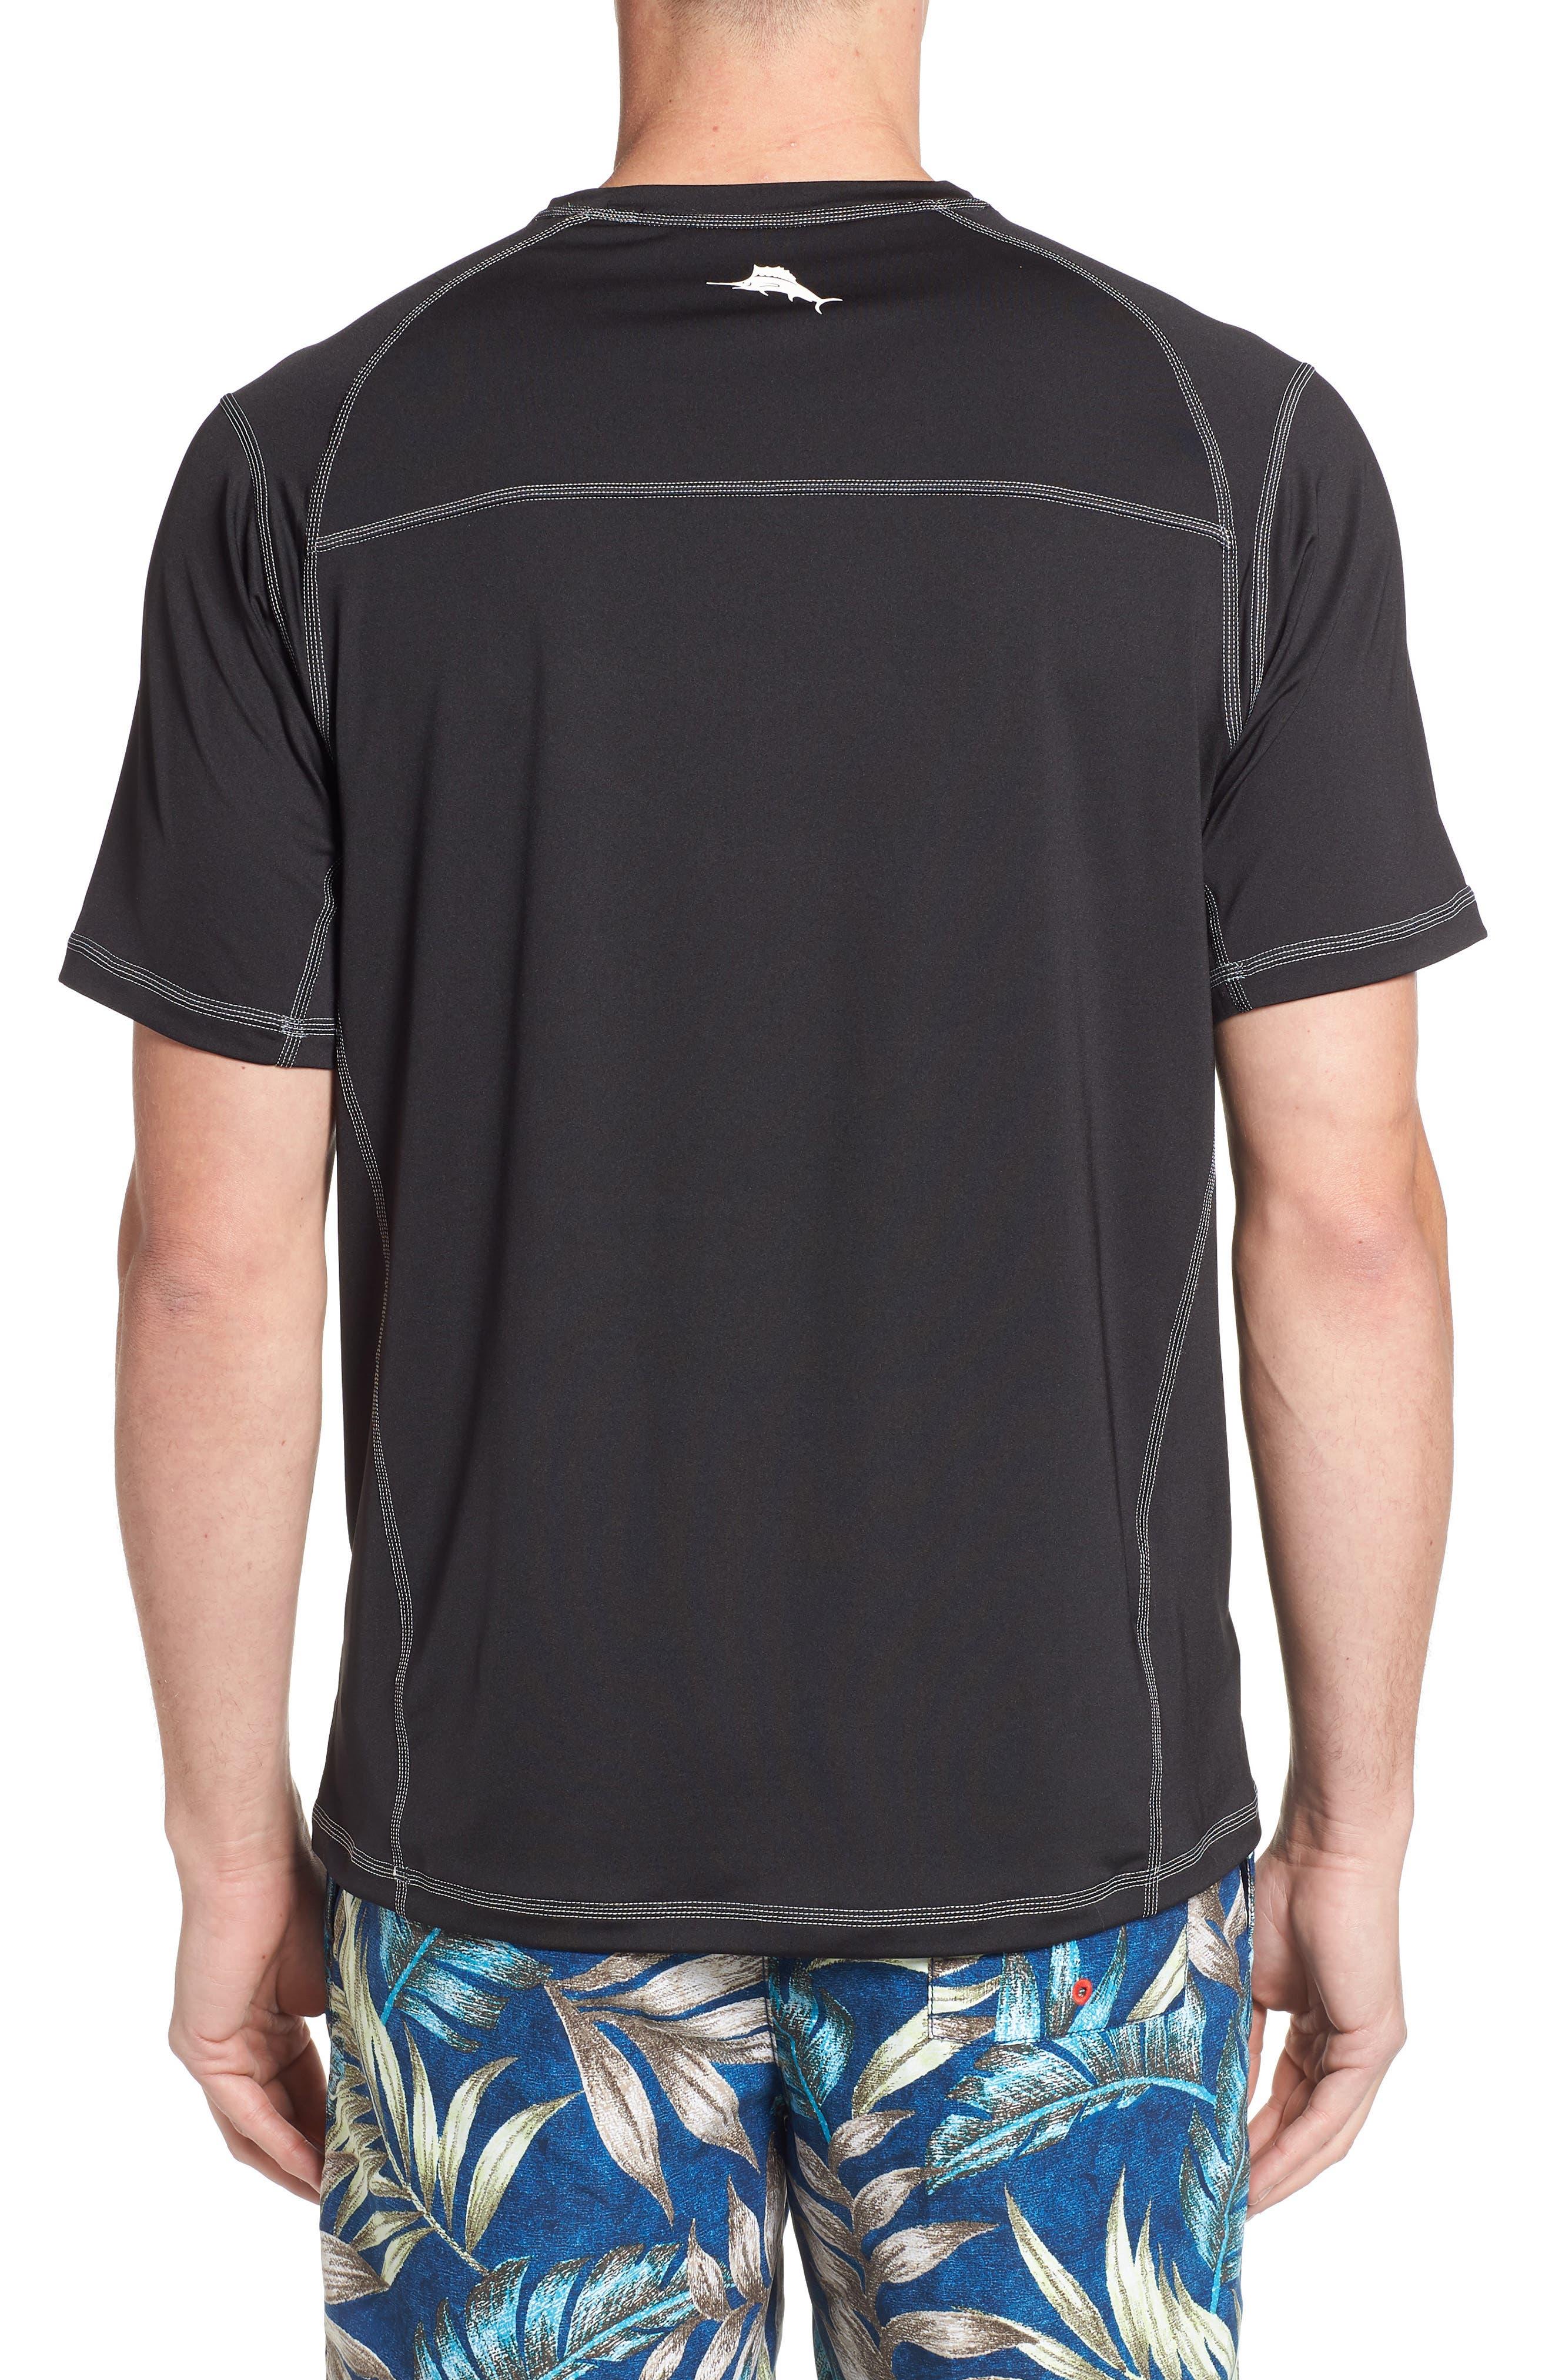 IslandActive<sup>™</sup> Beach Pro Rashguard T-Shirt,                             Alternate thumbnail 2, color,                             BLACK